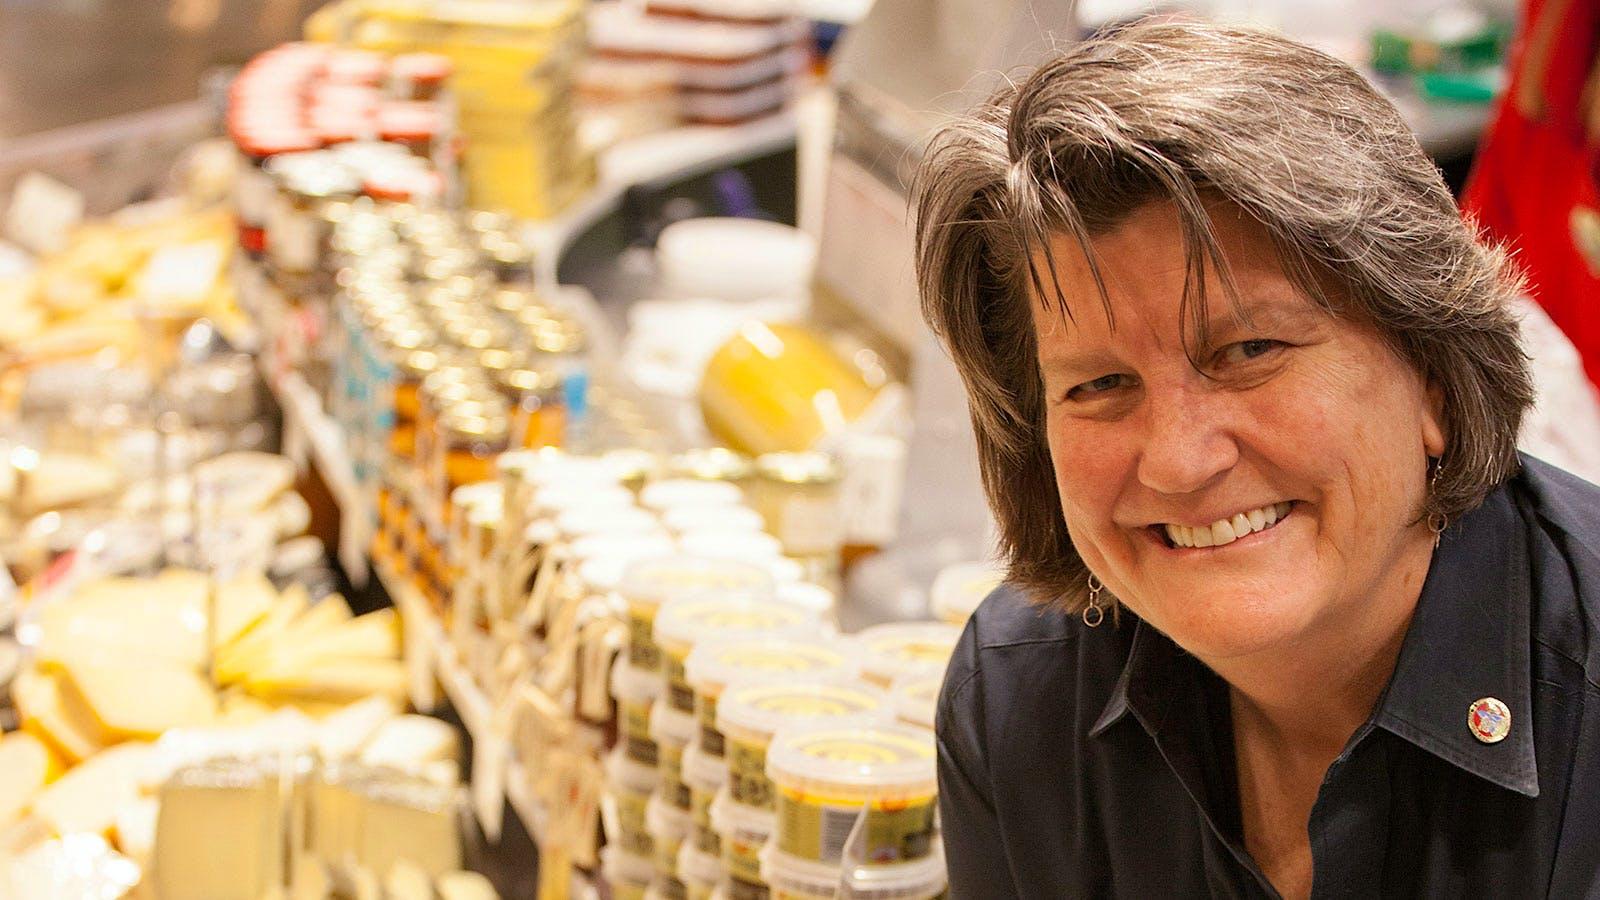 A National Cheesemonger